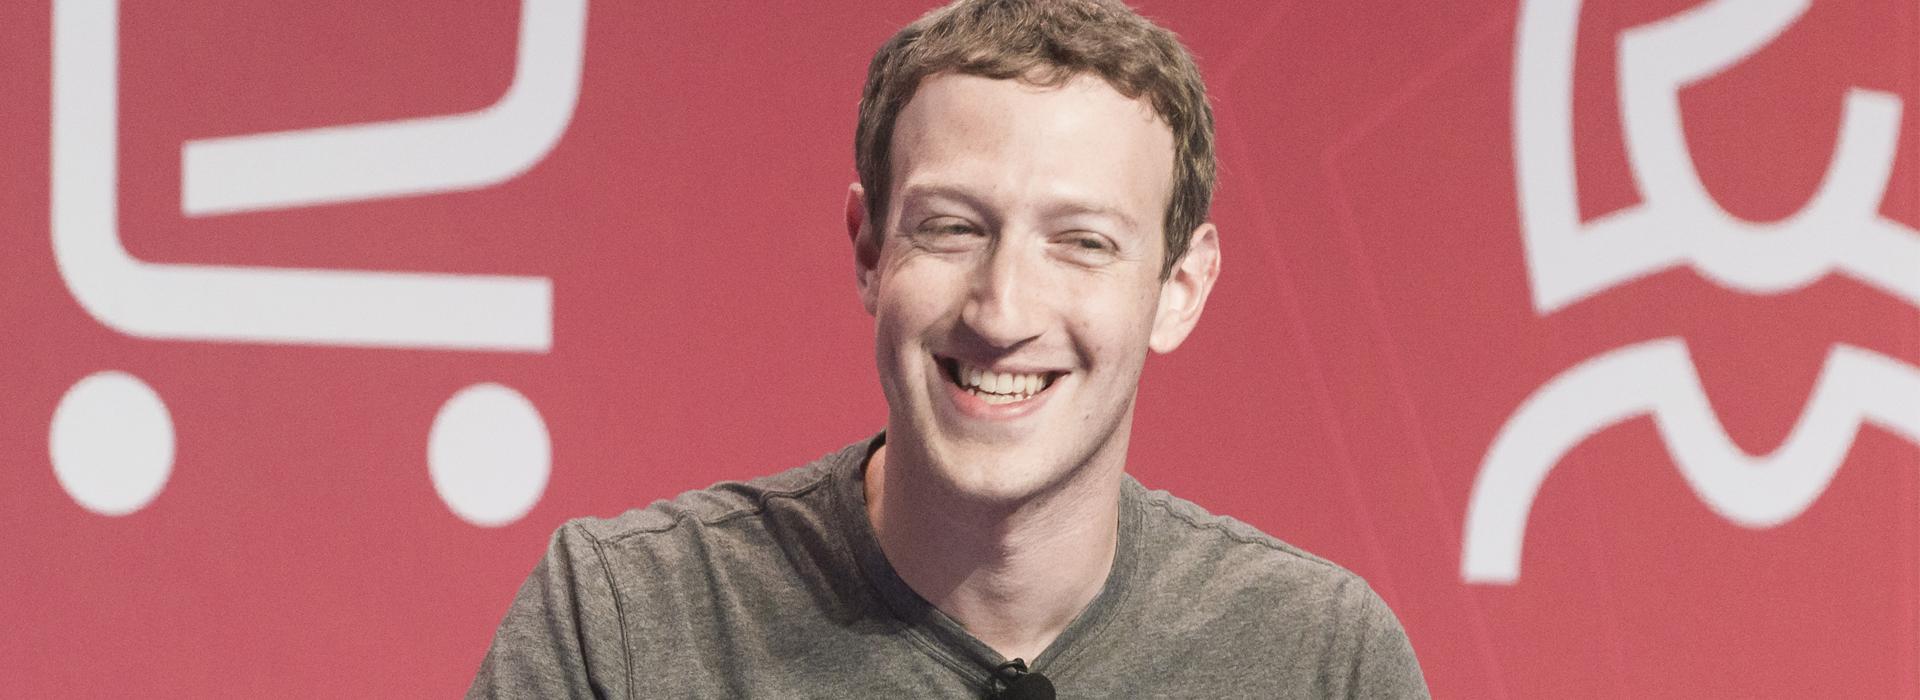 個資風波也撼動不了首季成績單 臉書營收、用戶人數都成長!